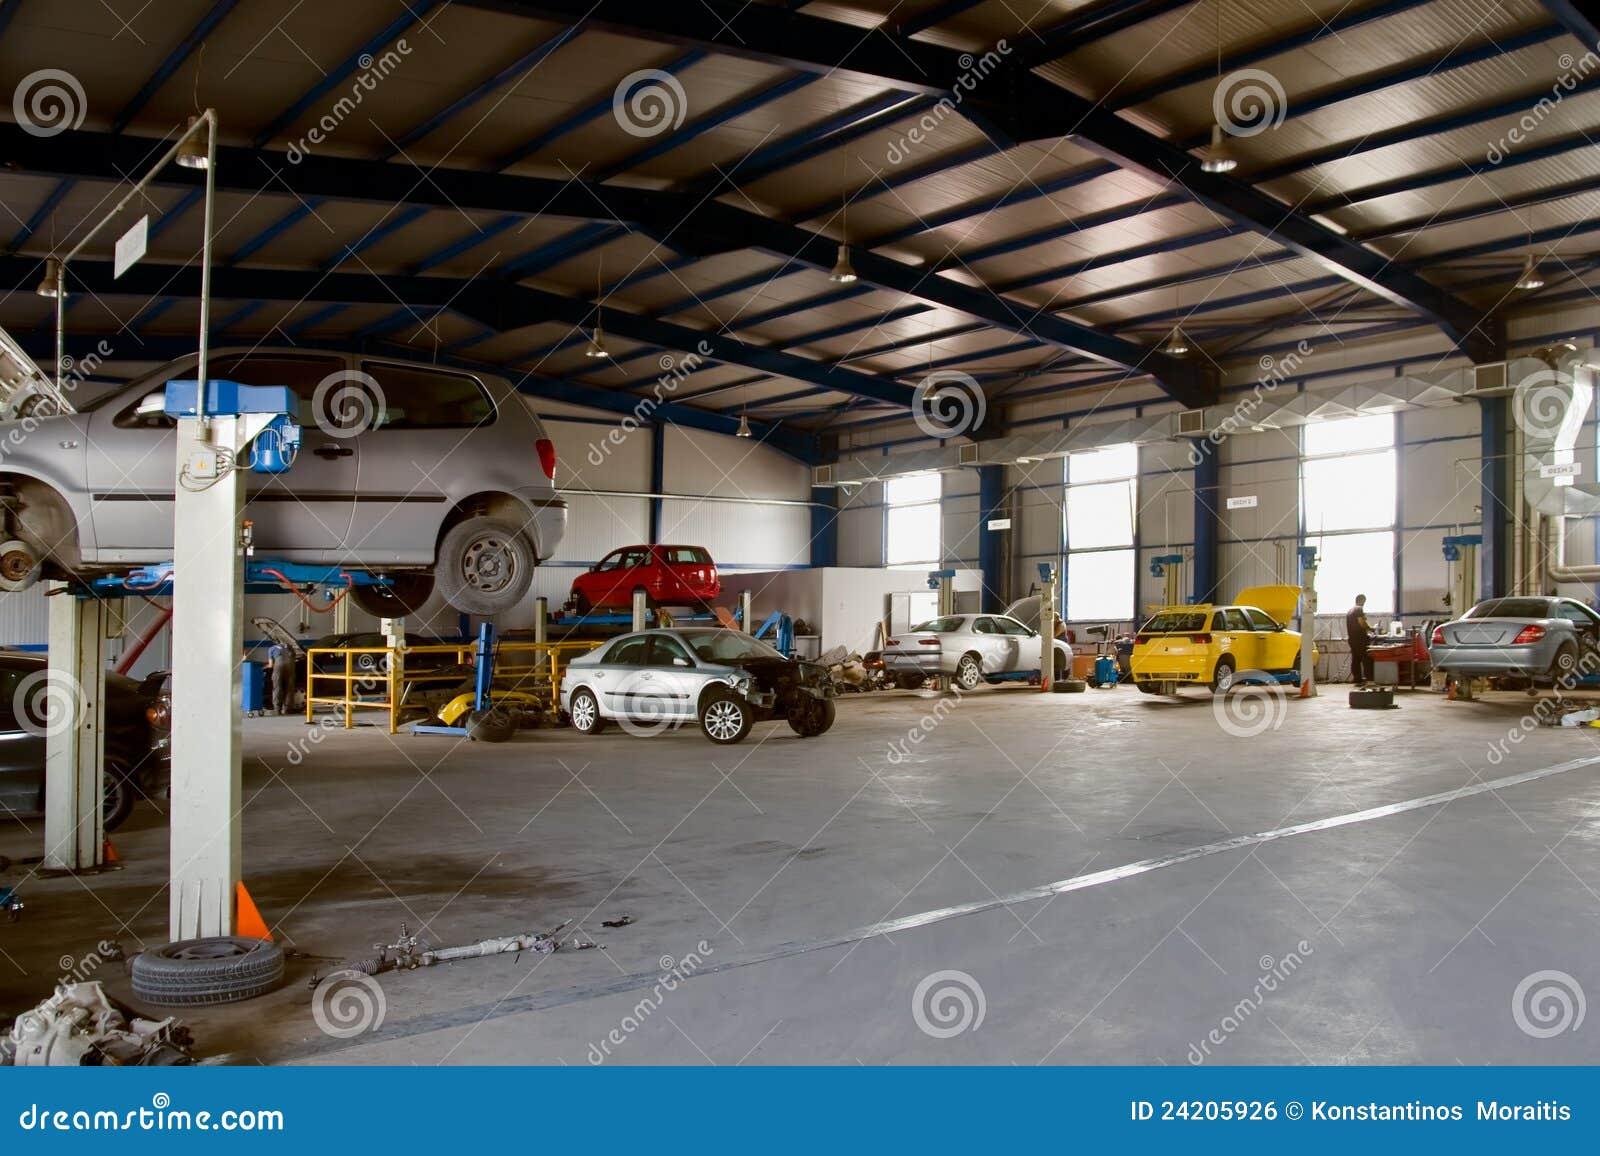 Car Service Garage Stock Photo Image Of Repairing Land